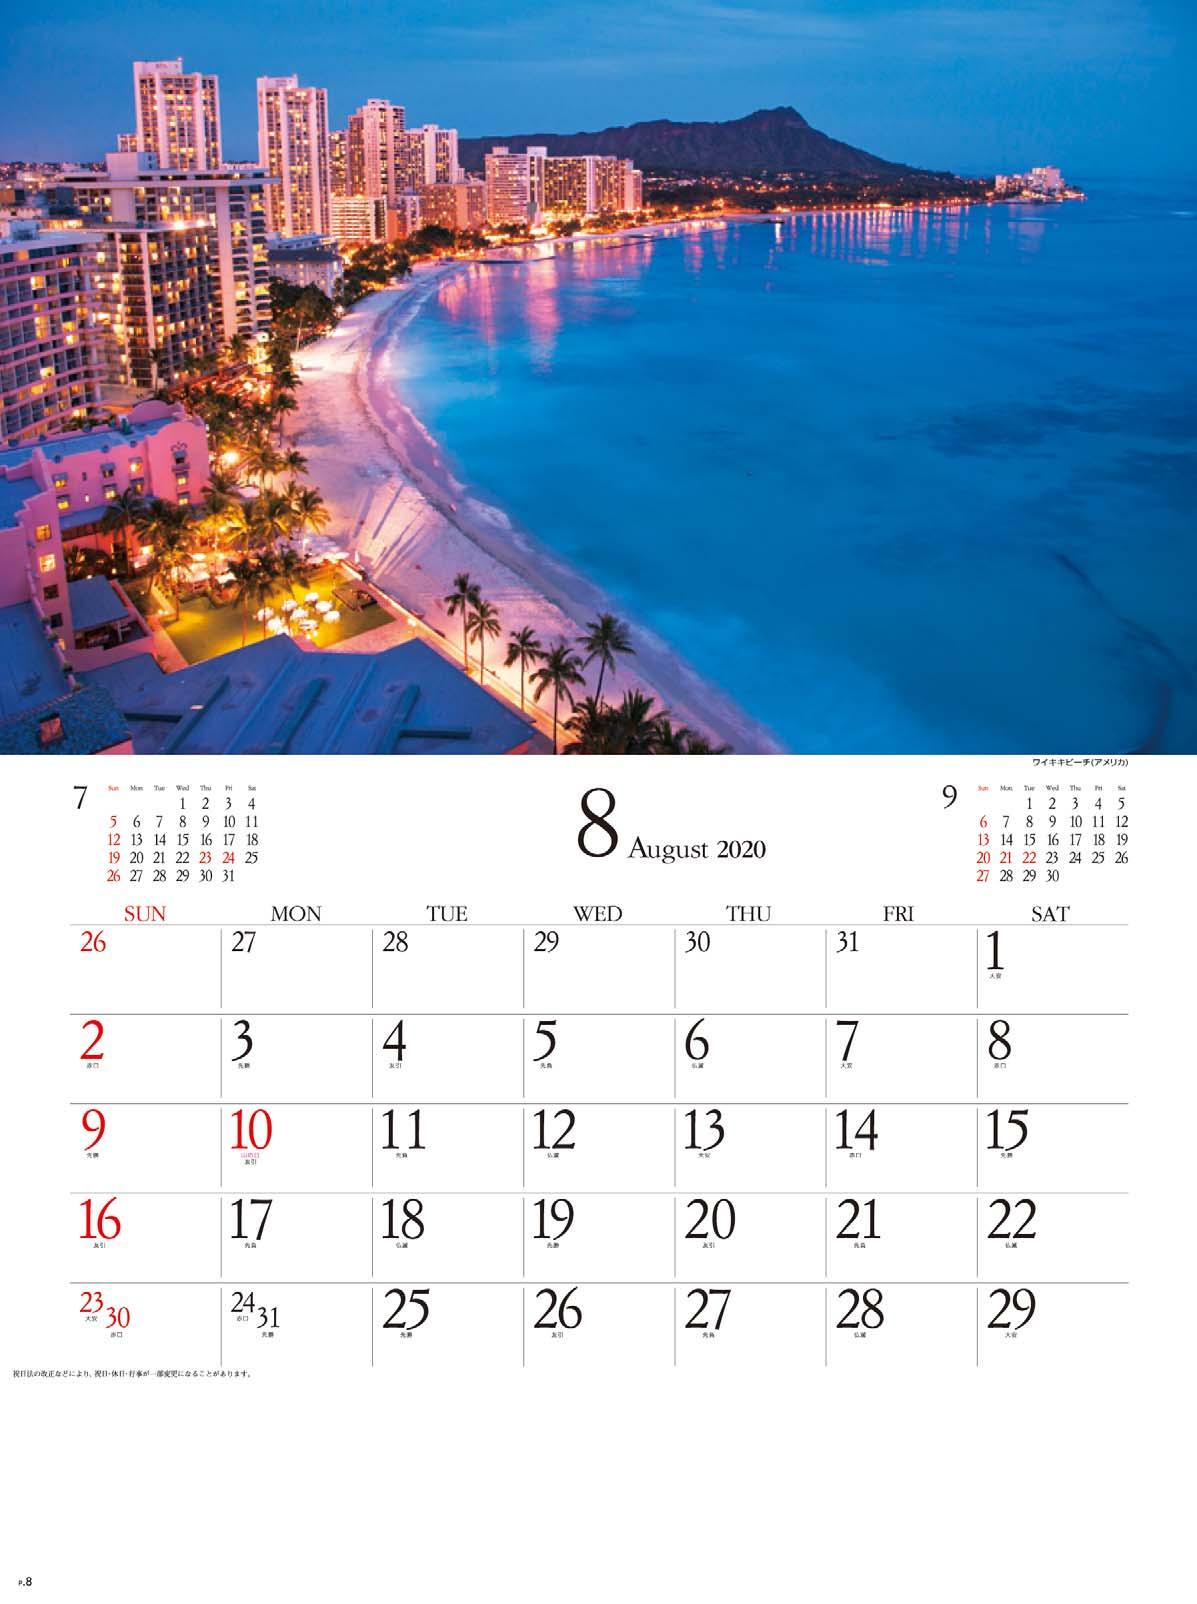 画像:ワイキキビーチ(アメリカ) エンドレスシティ・世界の夜景 2020年カレンダー